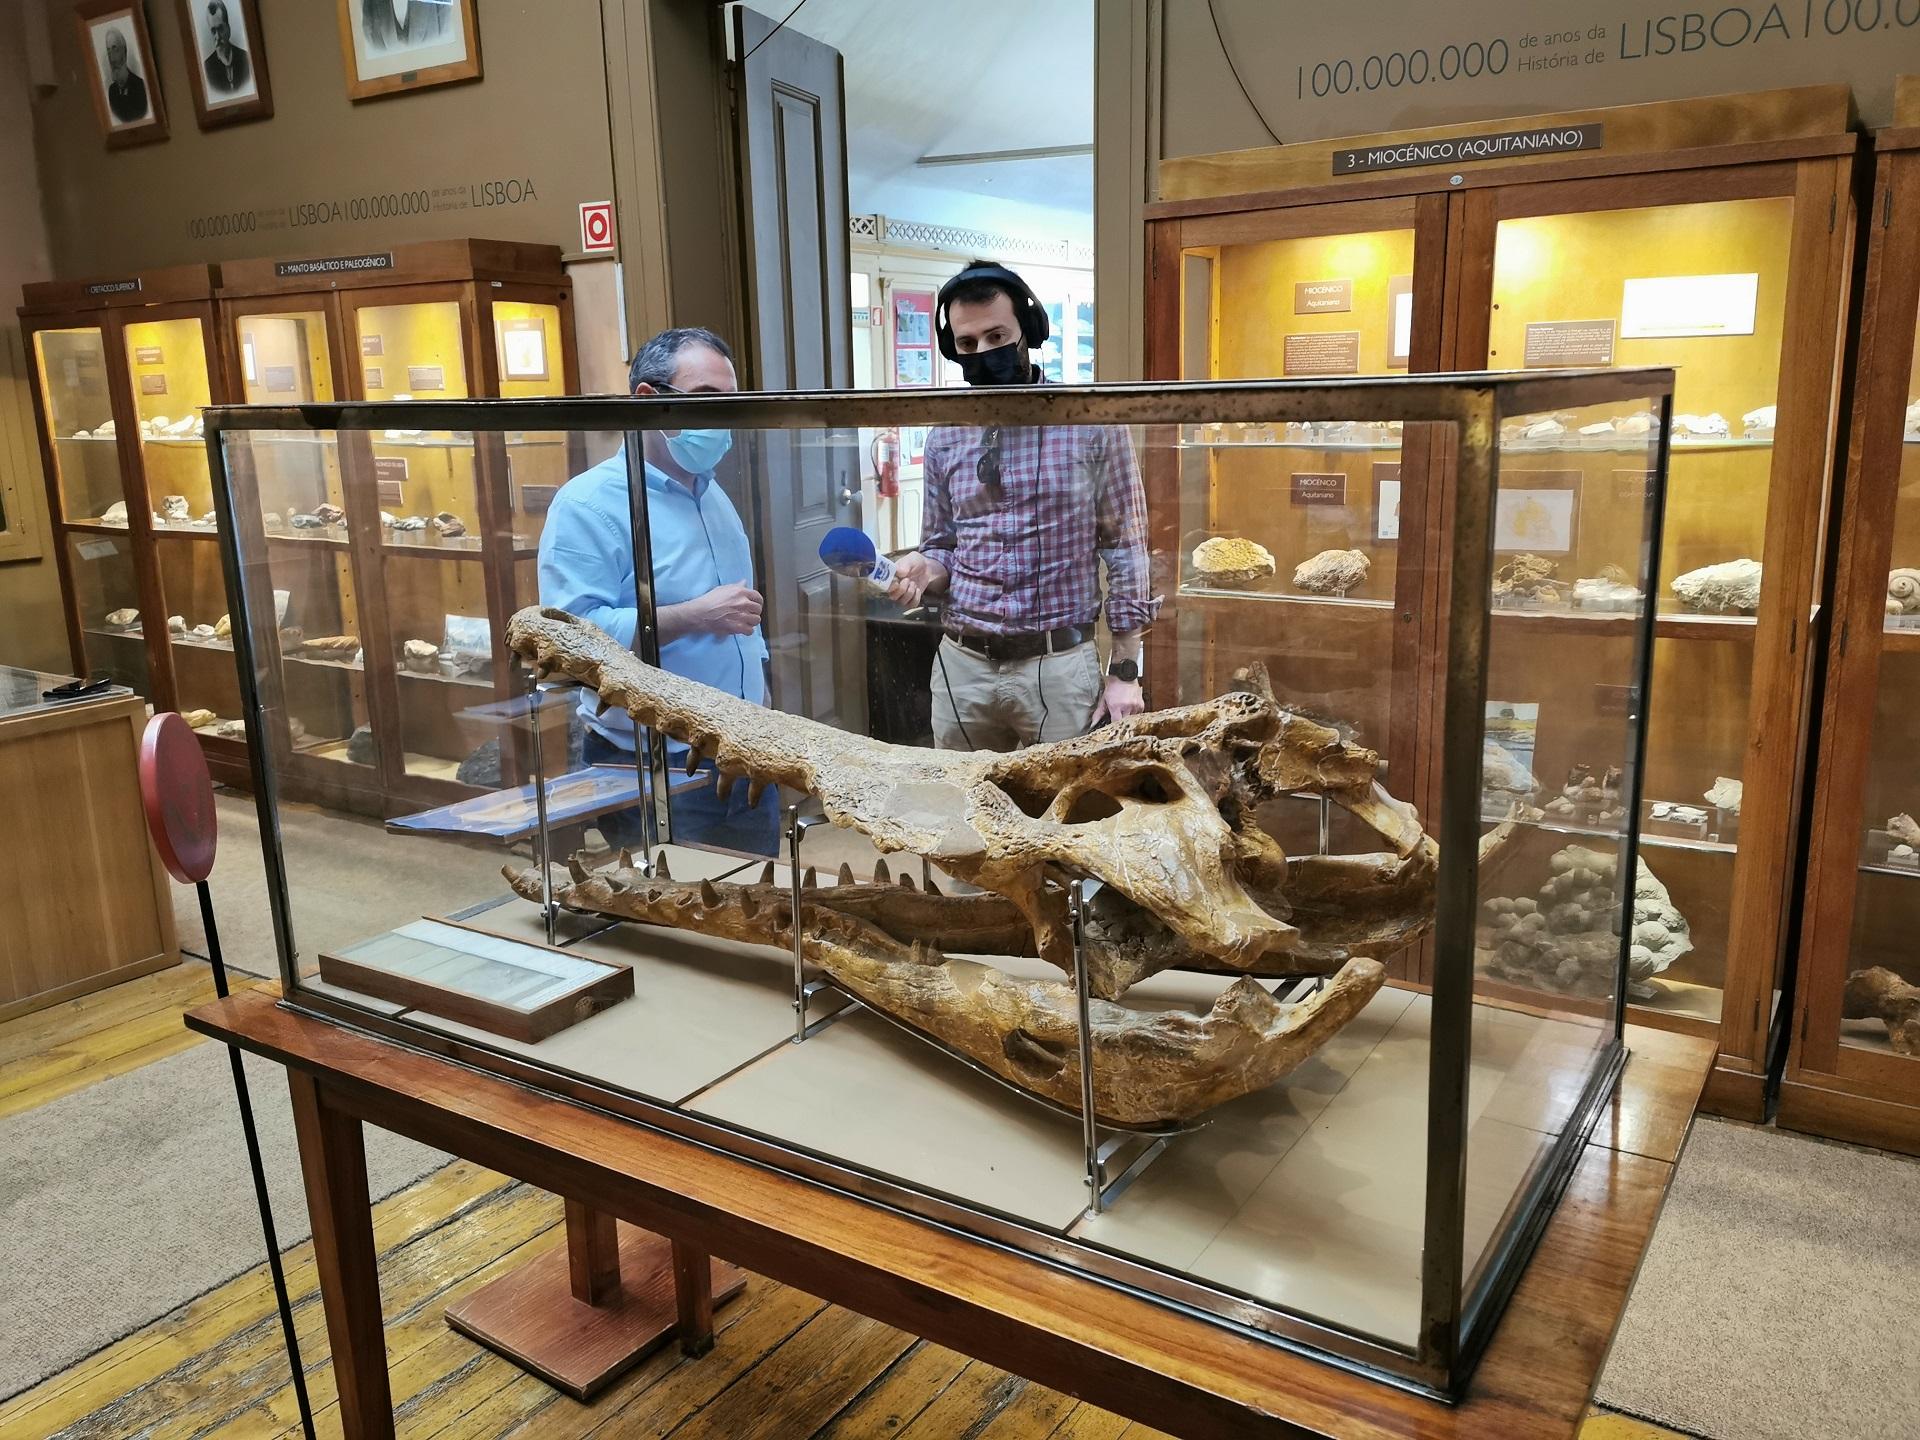 Museu Geológico - Entrevista TSF no âmbito no âmbito da divulgação do património natural e cultural